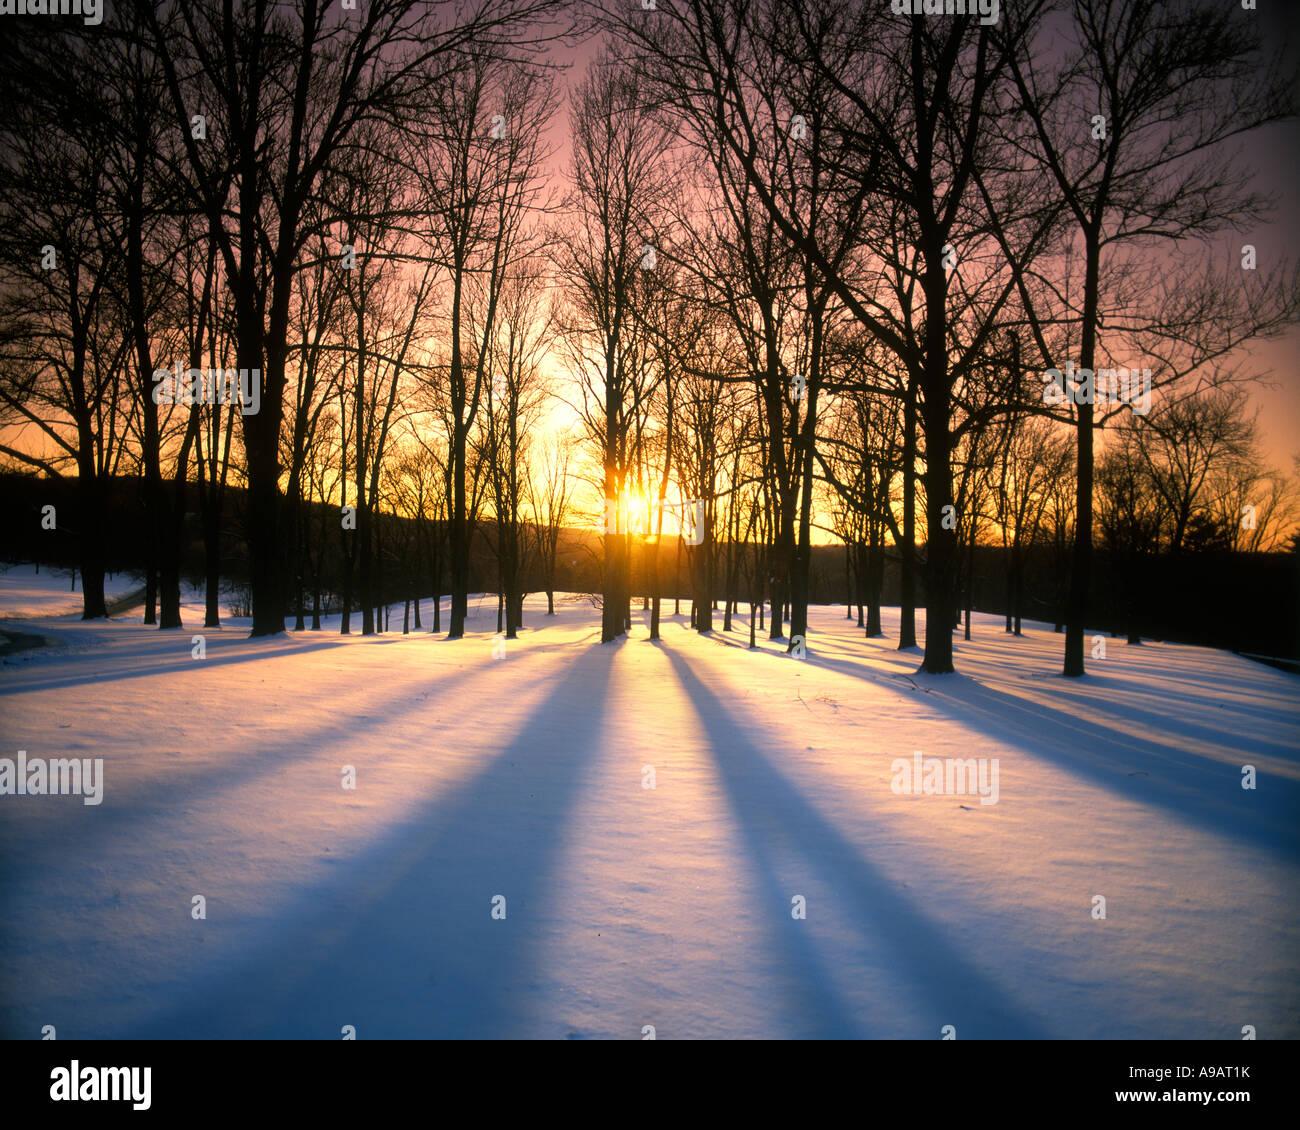 Coucher du soleil À TRAVERS LES ARBRES DÉNUDÉS EN HIVER paysage couvert de neige NEW YORK USA Photo Stock